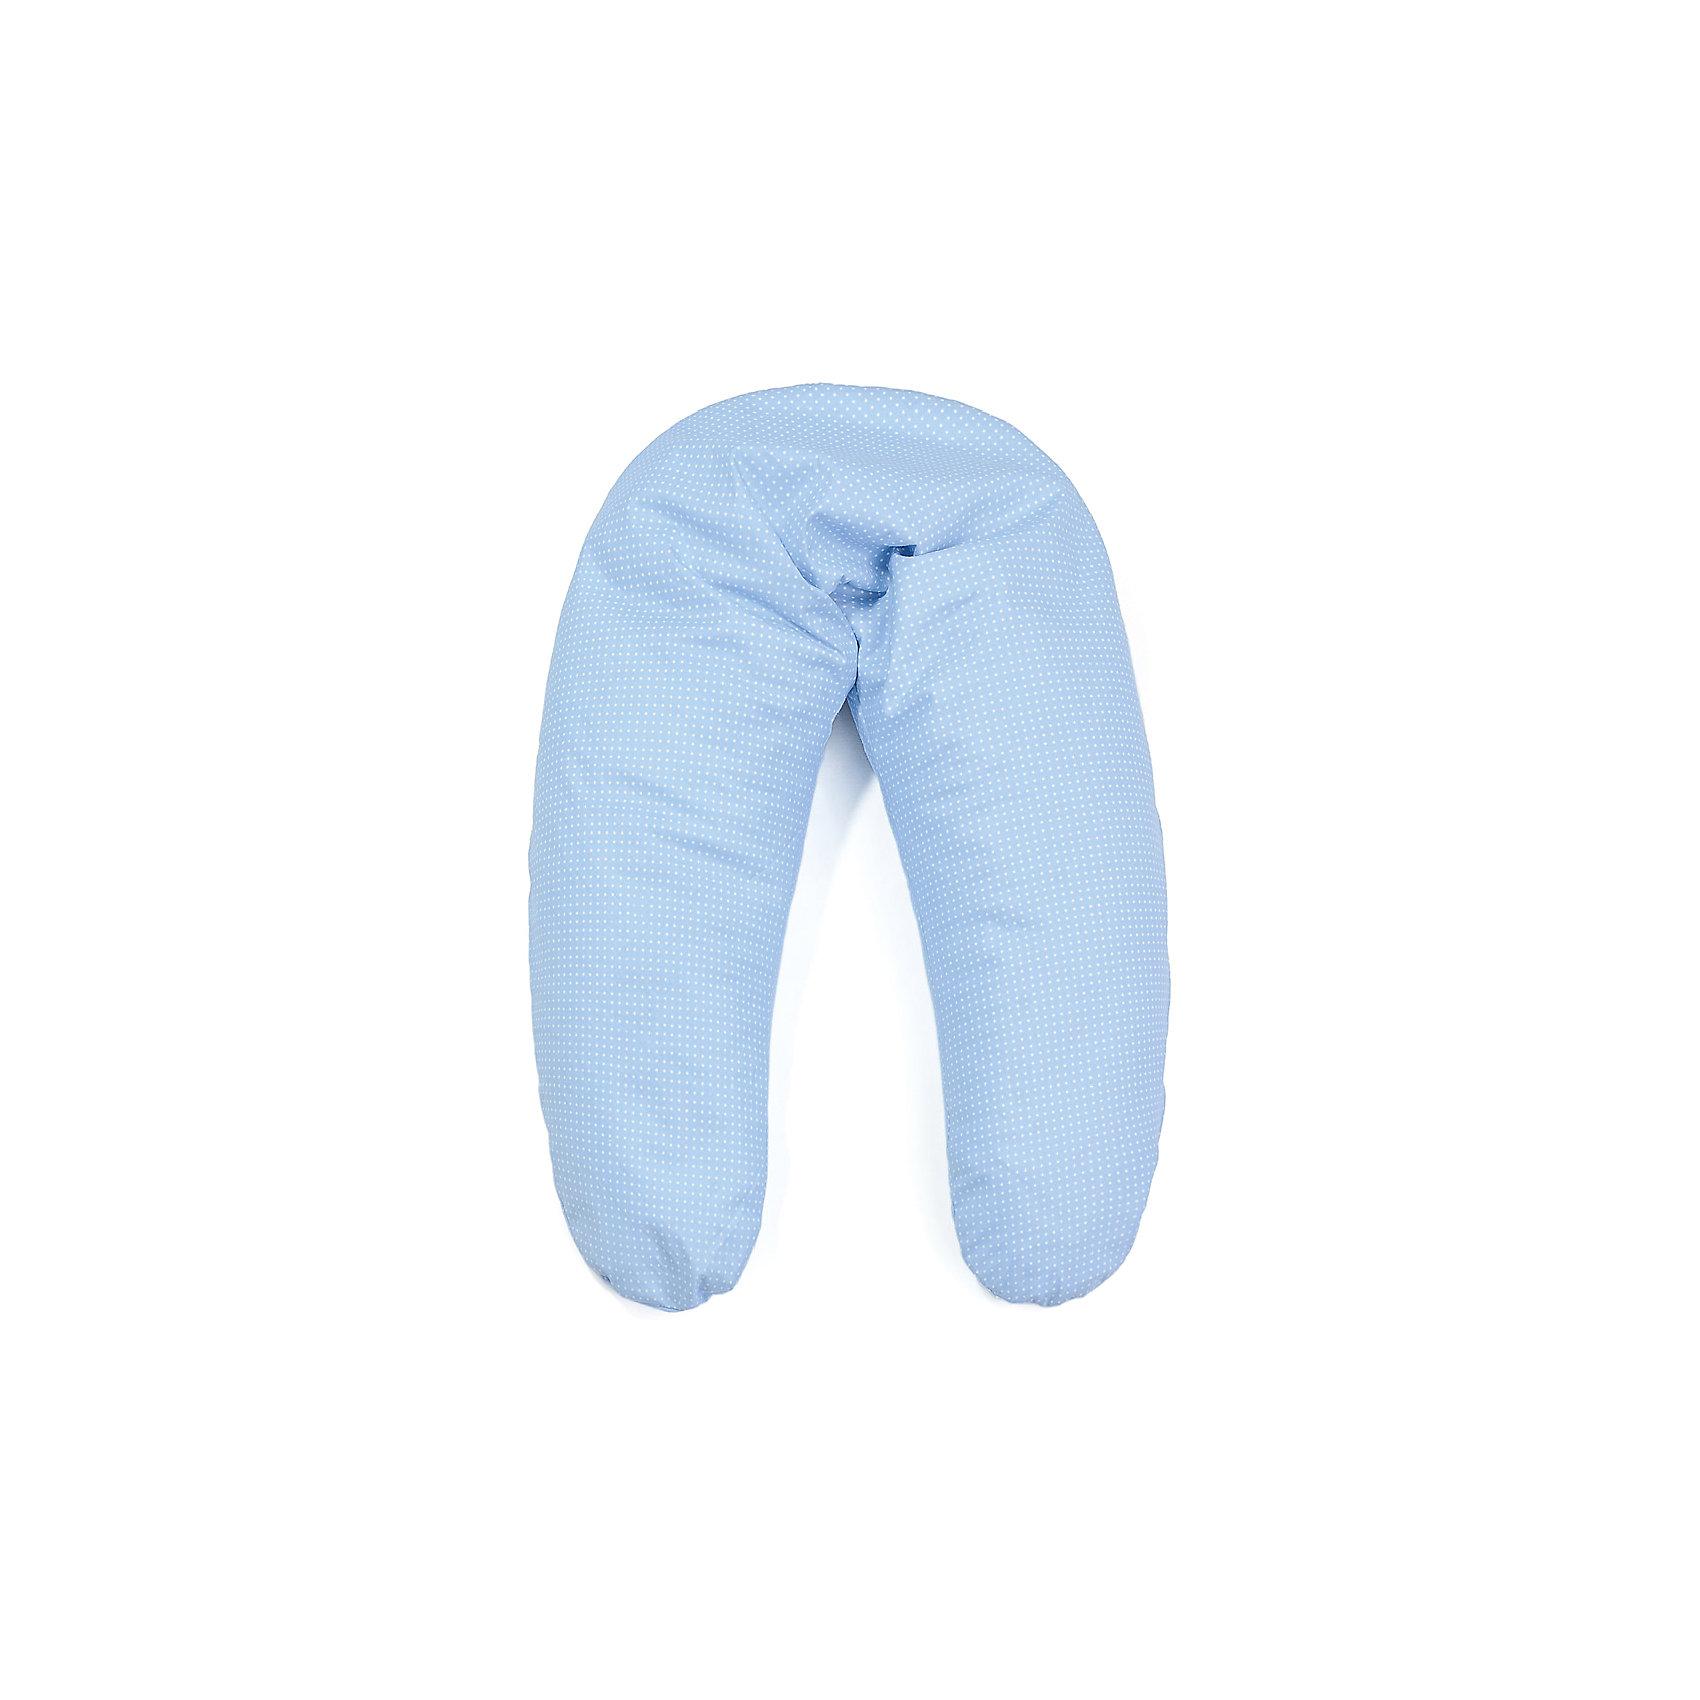 Подушка для беременных Аура 190х37 c холлофайбером, La Armada, голубой в горохМногофункциональная подушка для беременных Аура подходит для сна, отдыха, а также для кормления ребенка. <br><br>Дополнительная информация:<br><br>Состав: чехол подушки и наволочка - 100% хлопок,  наполнитель - 100% полиэфирное волокно. <br>В комплект входит подушка и съемная наволочка из бязи на молнии. <br>Размеры подушки: длина по внешнему краю (в разложенном виде) - 190 см, ширина - 37 см. <br>Упаковка: сумка-чемодан + красочная этикетка.<br><br>Подушку для беременных Аура 190х37 c холлофайбером, La Armada, голубой в горох  можно купить в нашем магазине.<br><br>Ширина мм: 700<br>Глубина мм: 170<br>Высота мм: 400<br>Вес г: 2000<br>Цвет: голубой/белый<br>Возраст от месяцев: 0<br>Возраст до месяцев: 36<br>Пол: Мужской<br>Возраст: Детский<br>SKU: 4660553